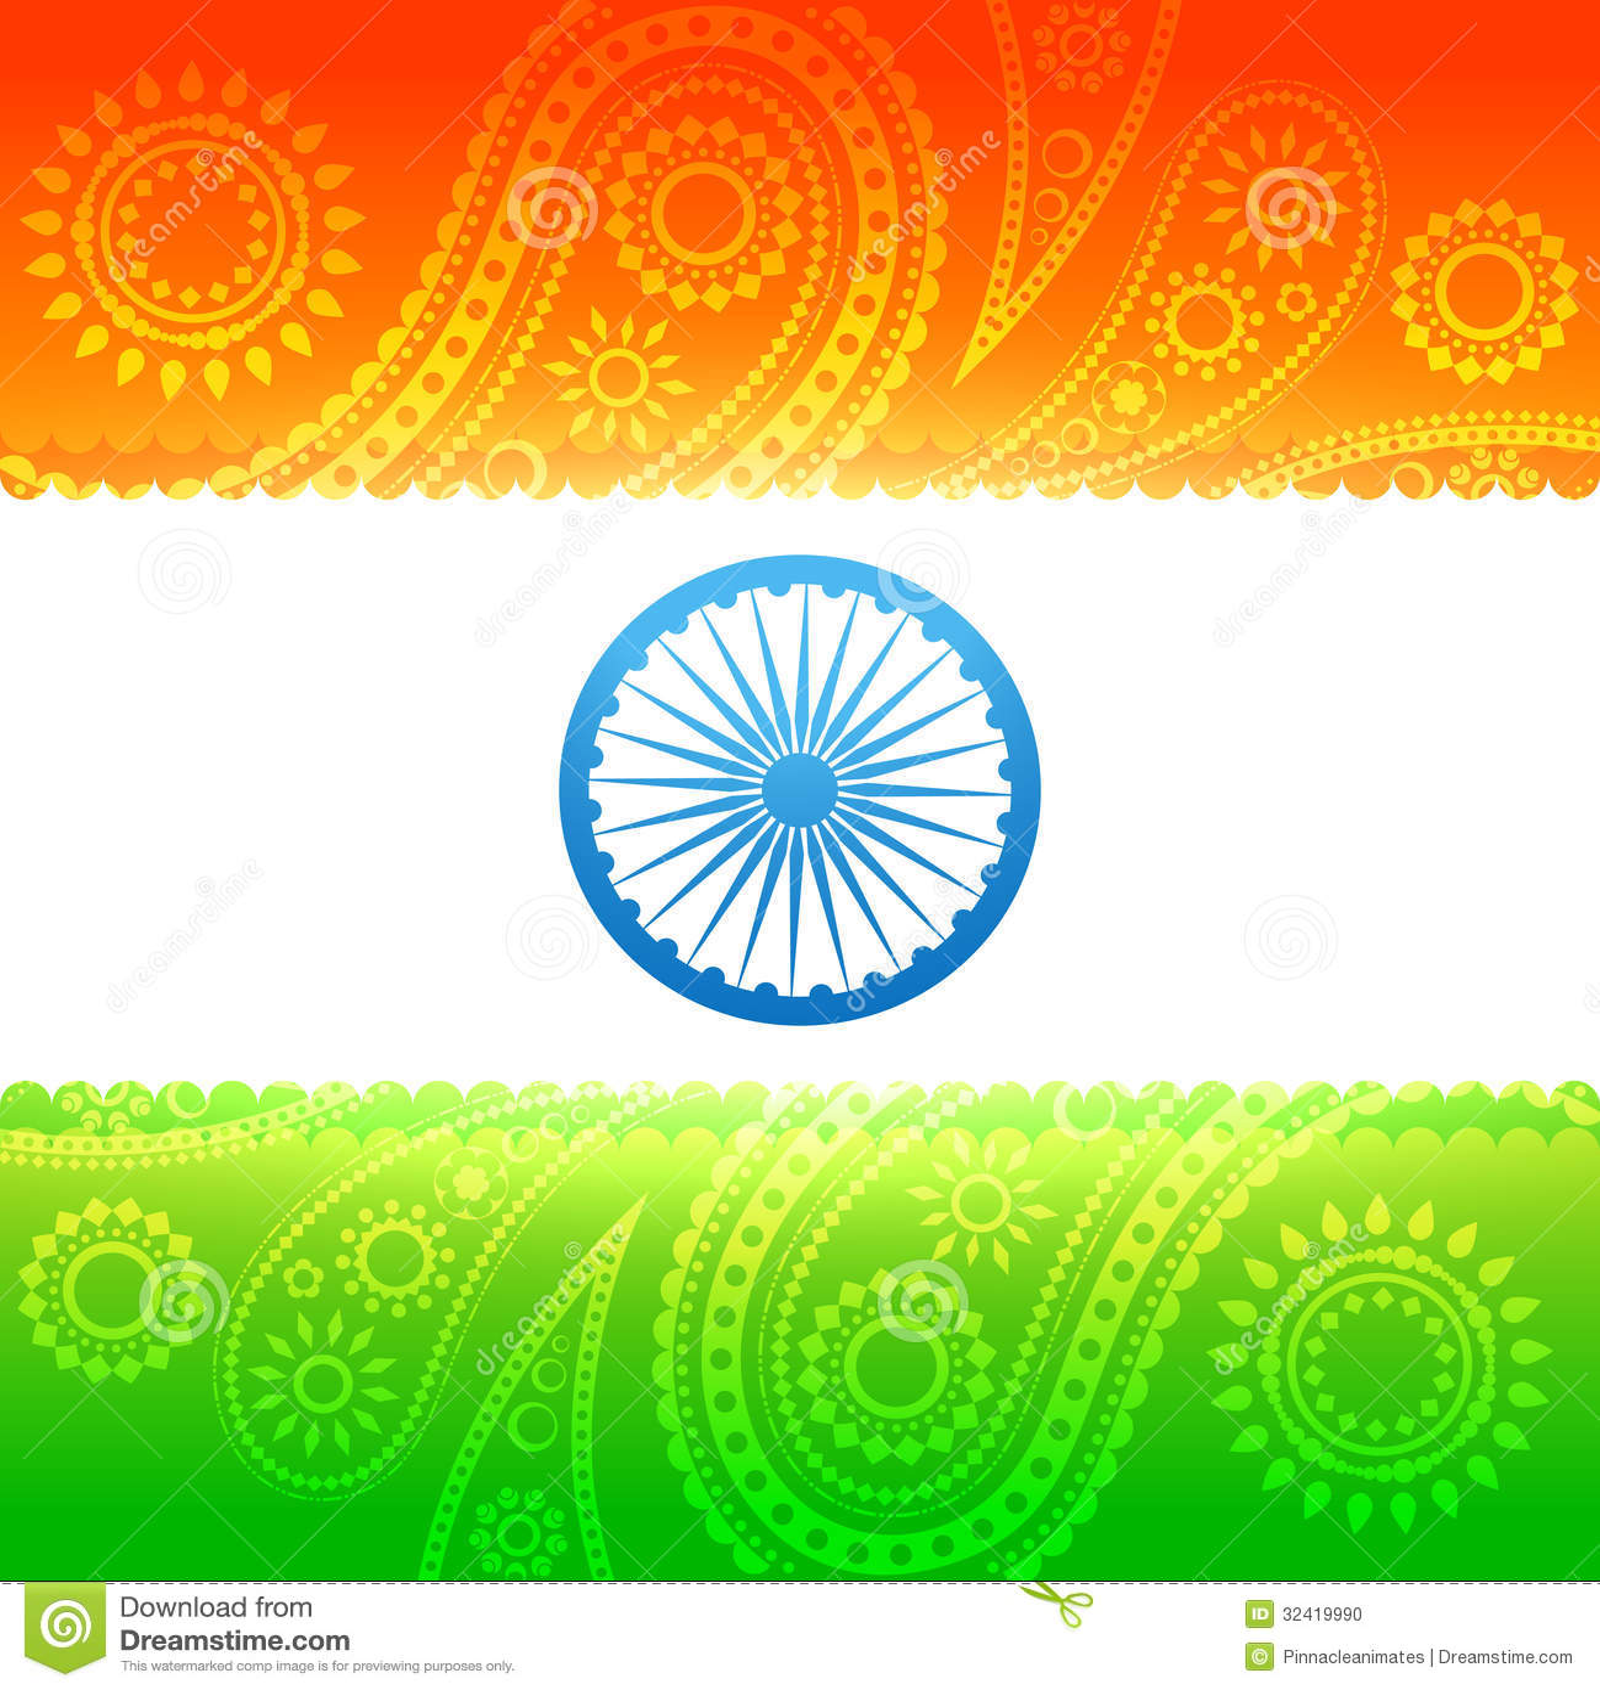 Beautiful Indian Flag Stock Photo Image 32419990